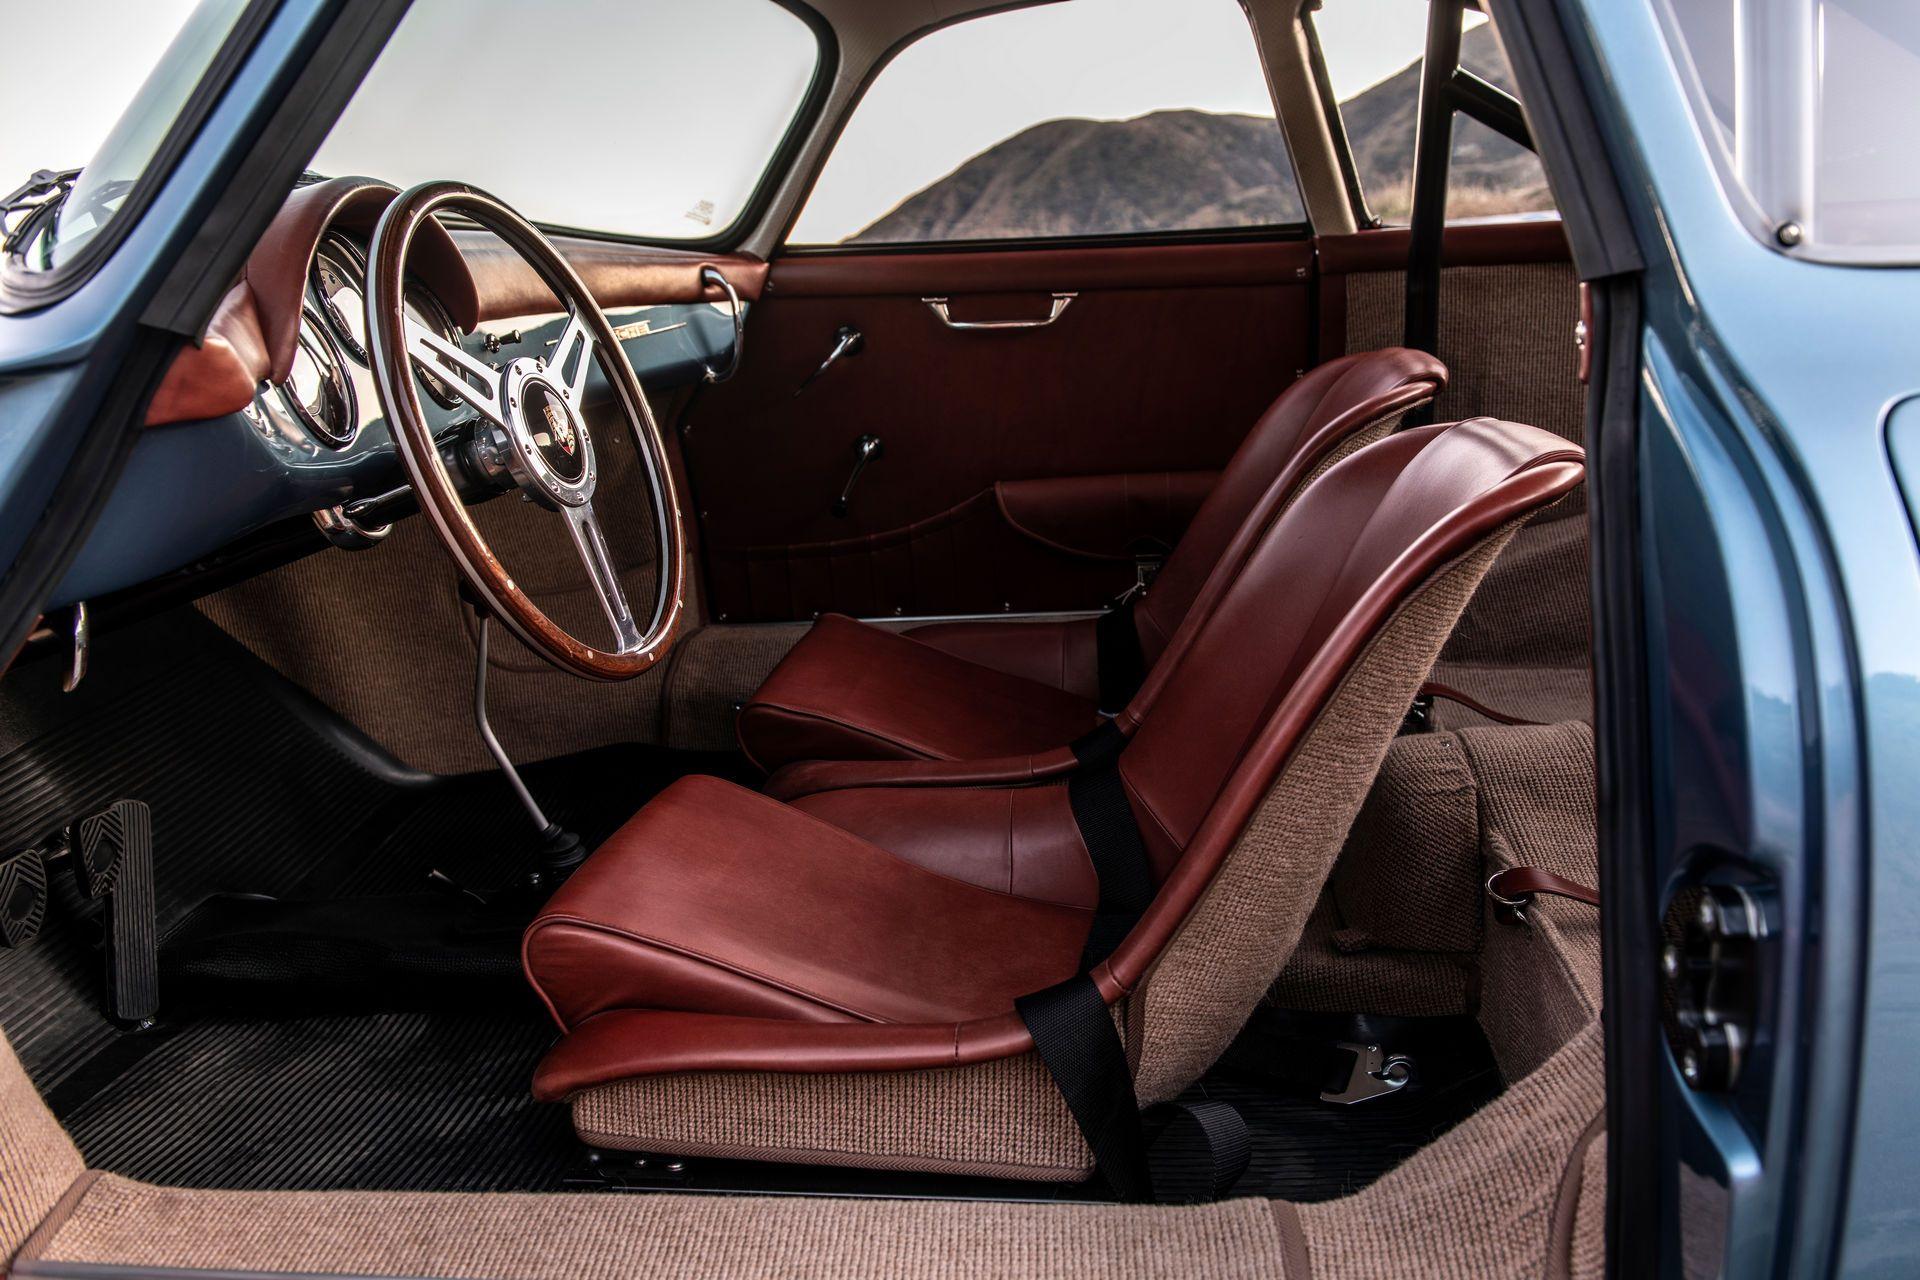 Porsche-356-A-Coupe-Restomod-Emory-Motorsports-45